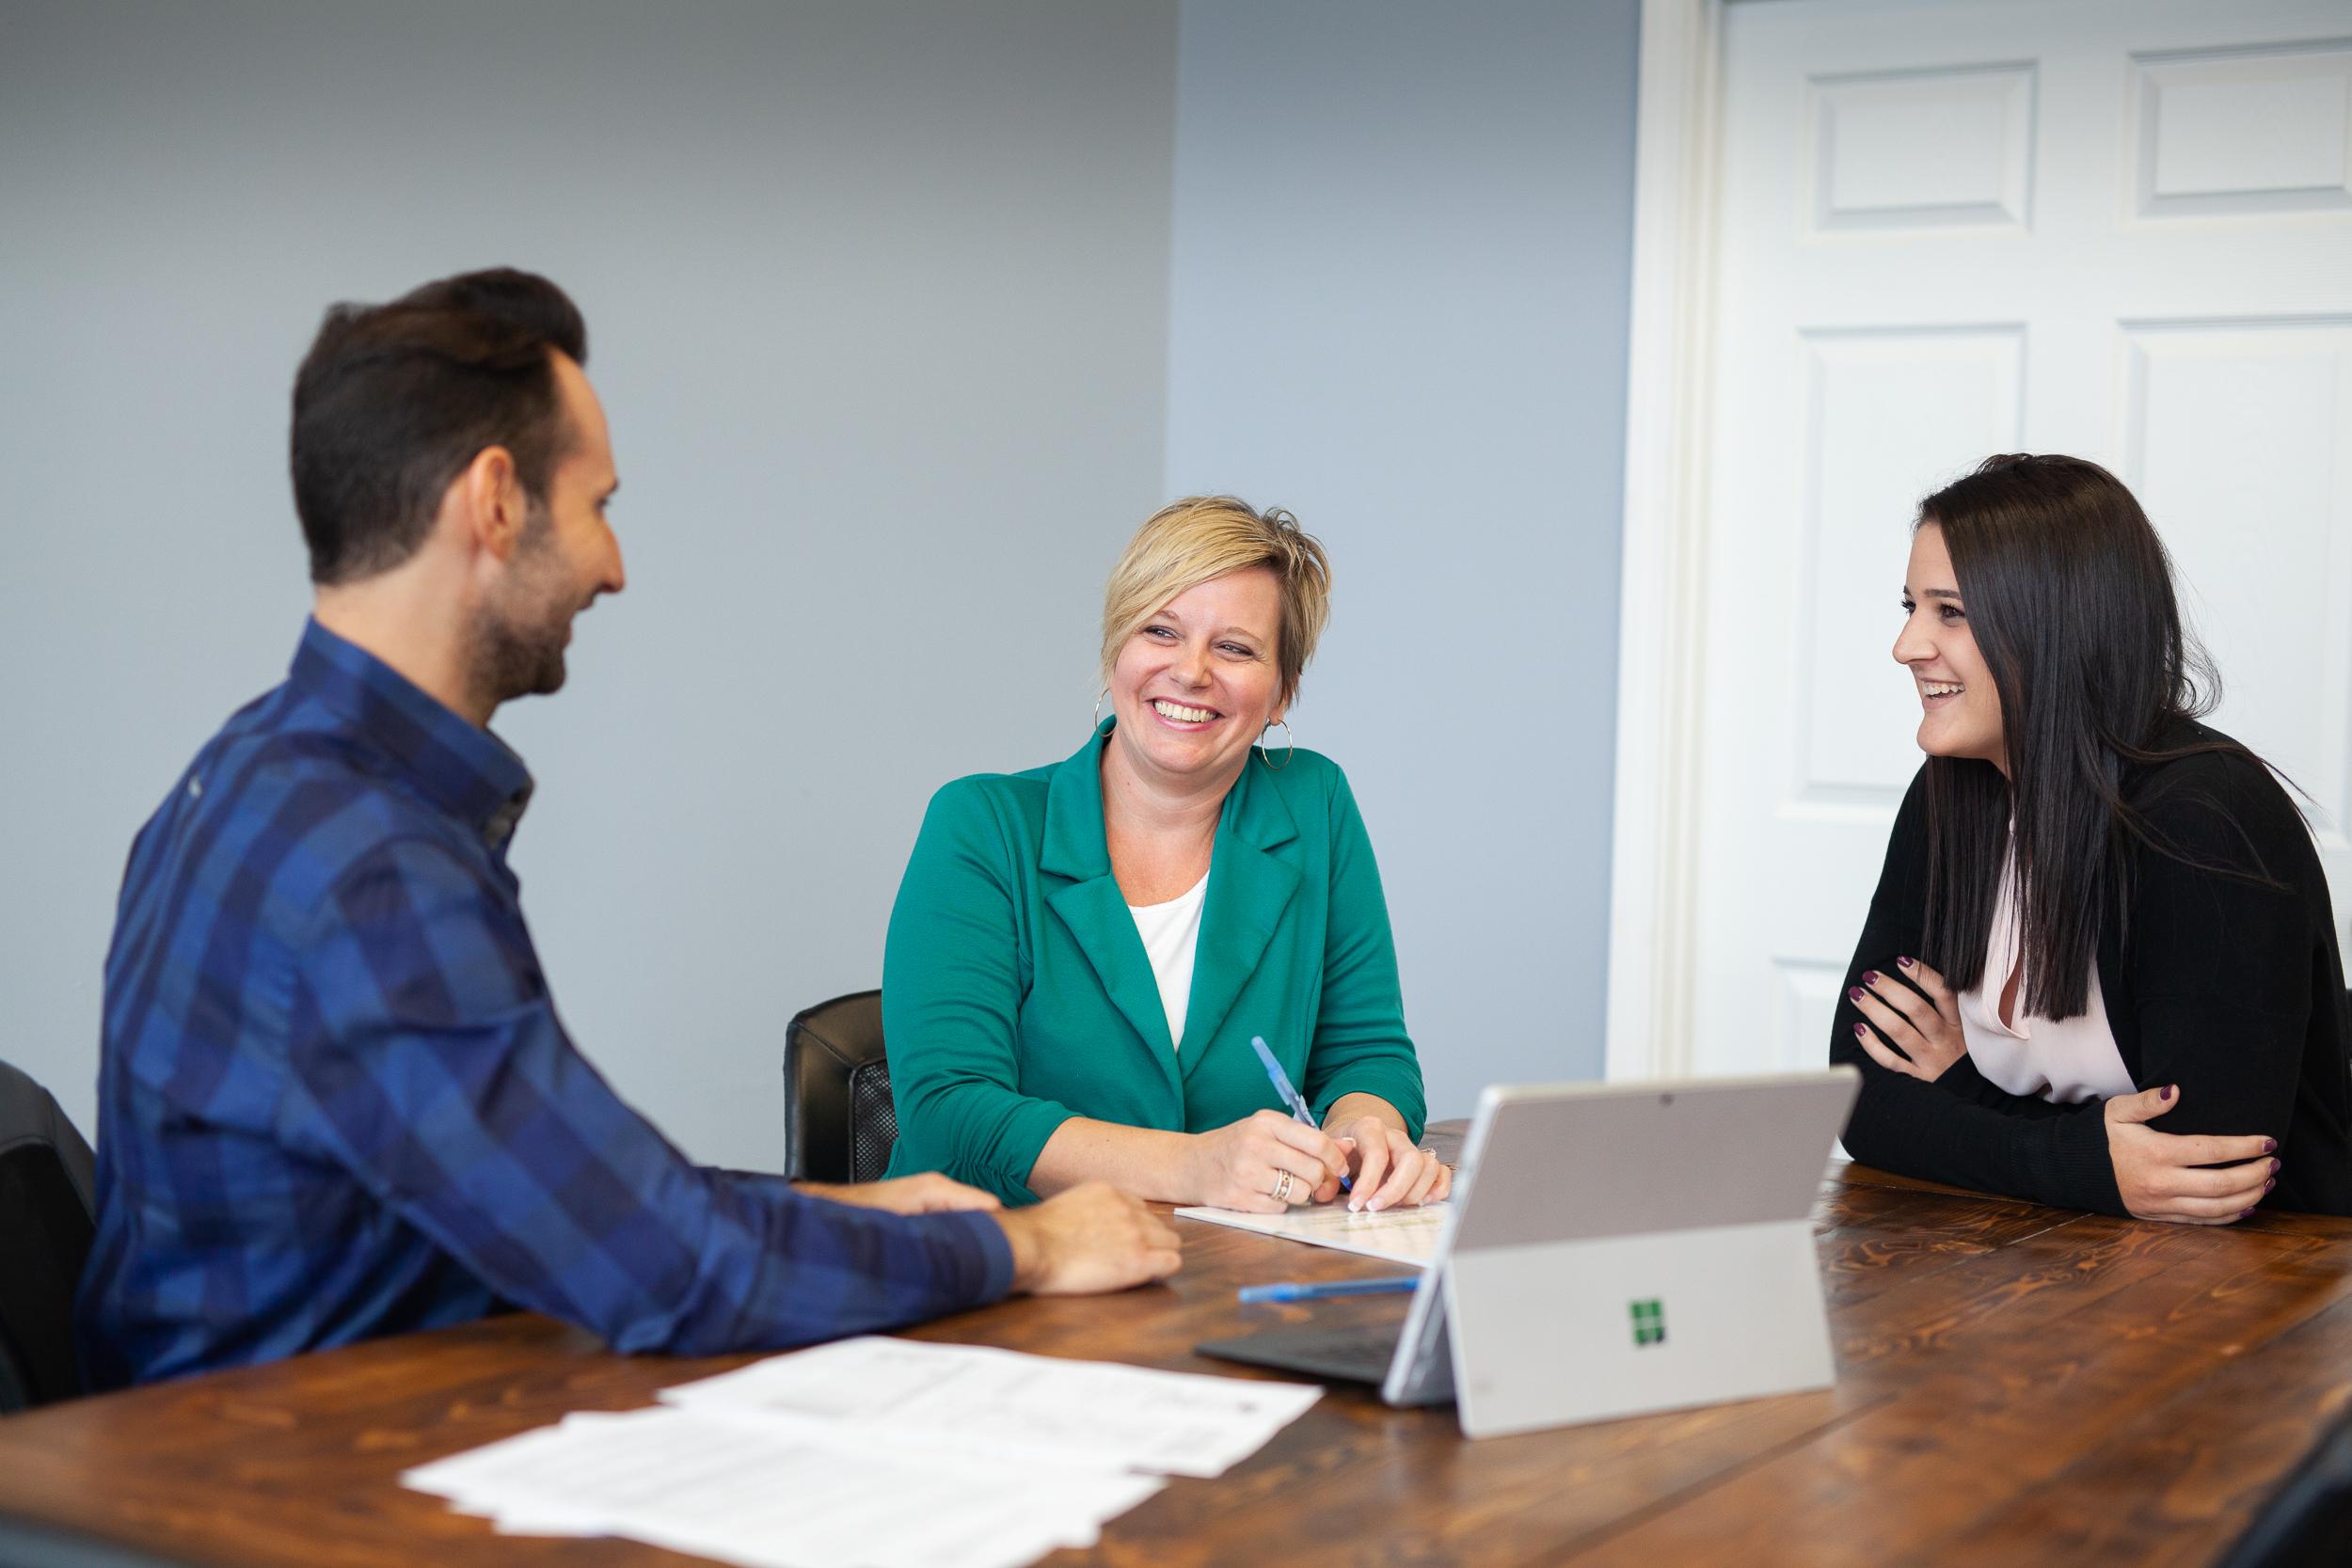 Listing Leader team members in a meeting